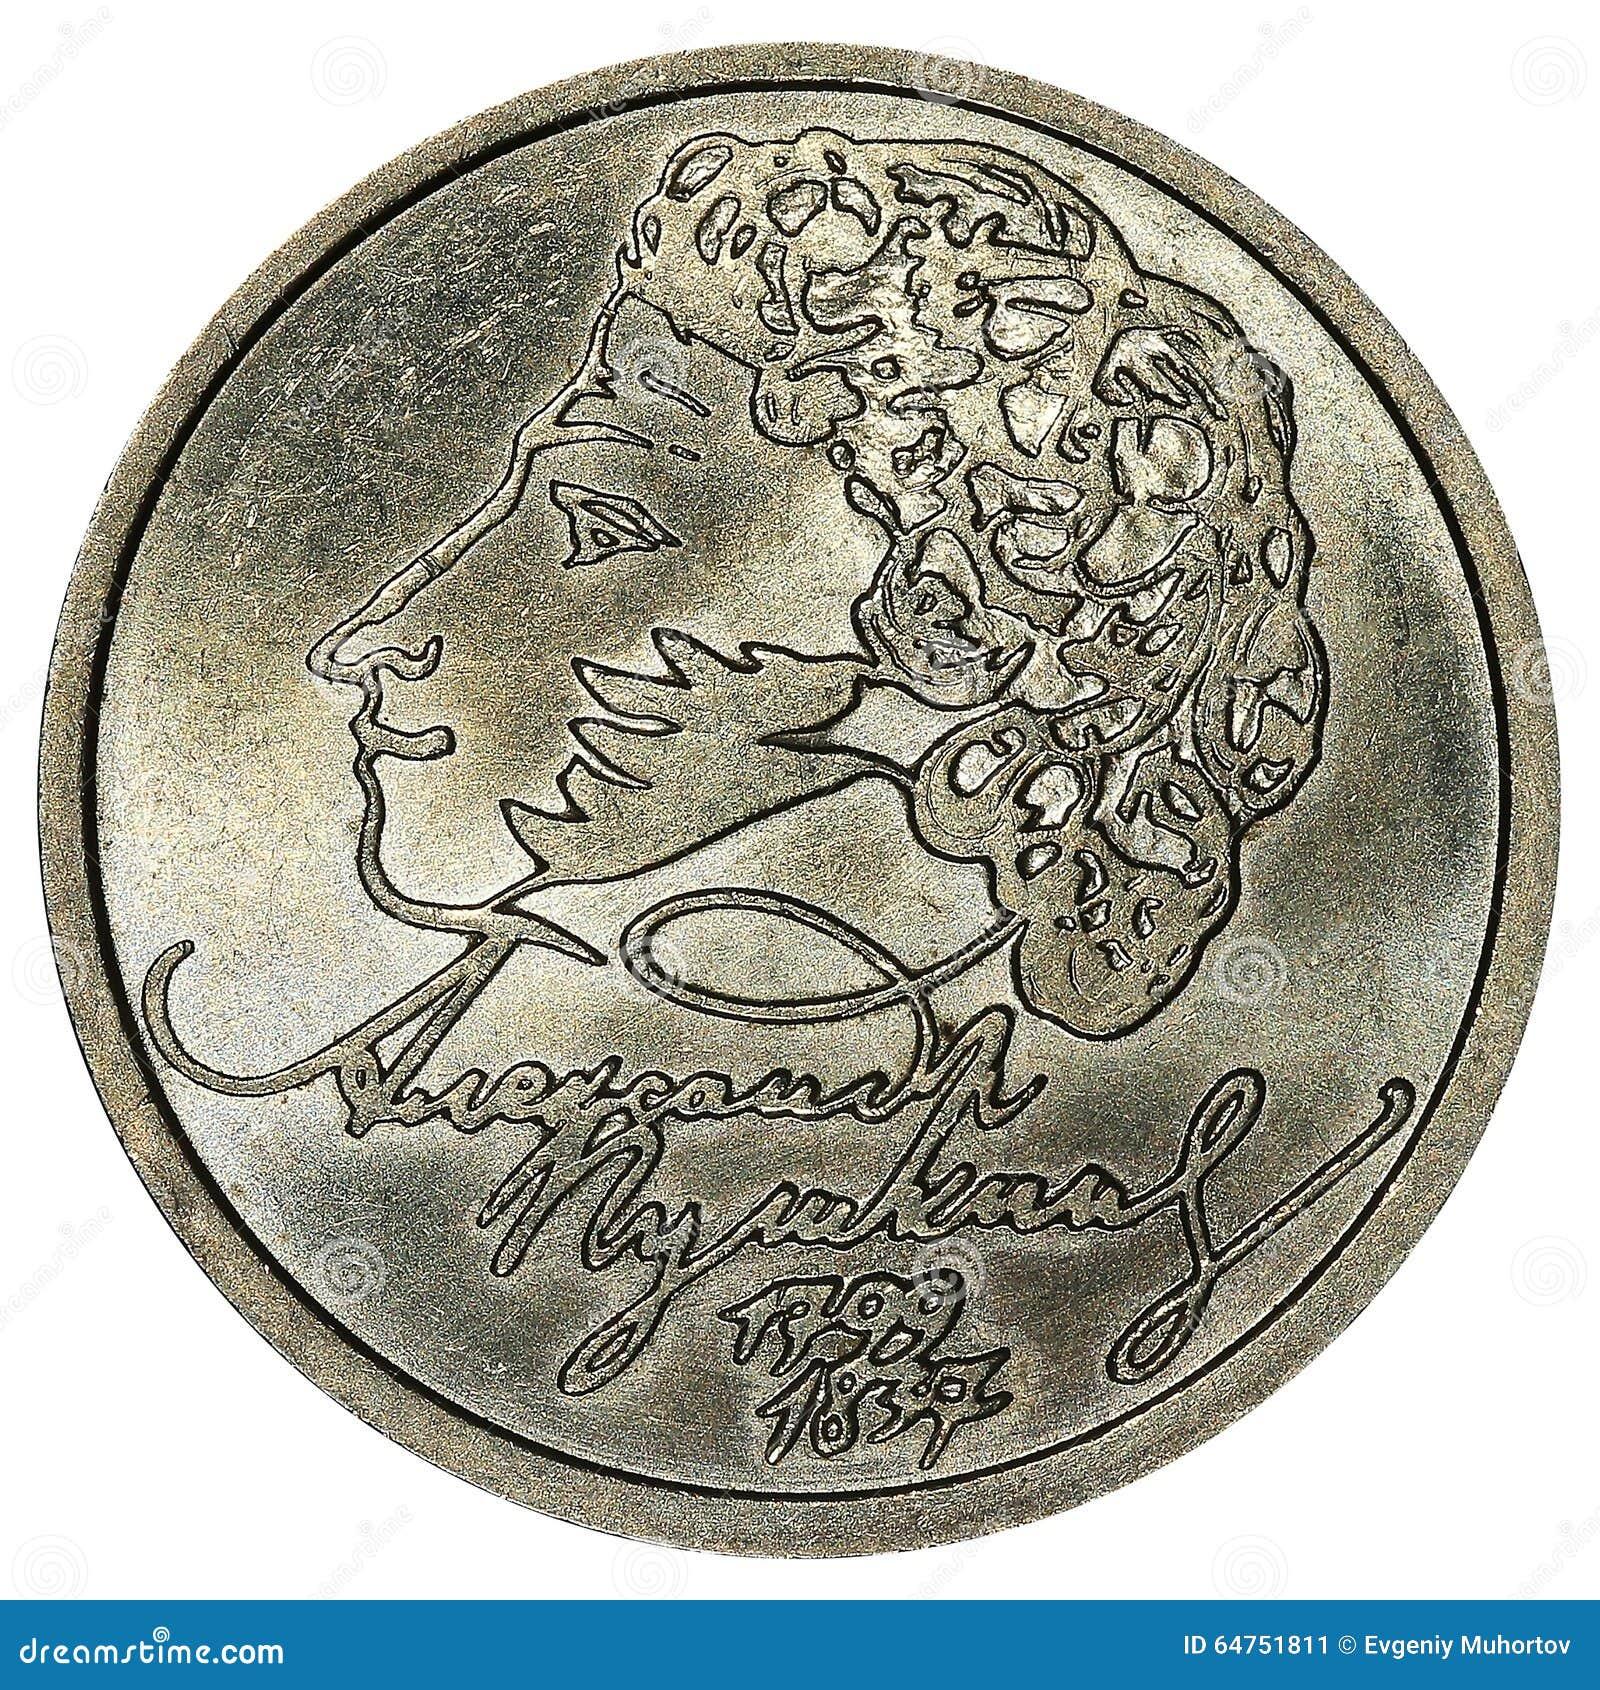 Der große russische Dichter Alexander Pushkin